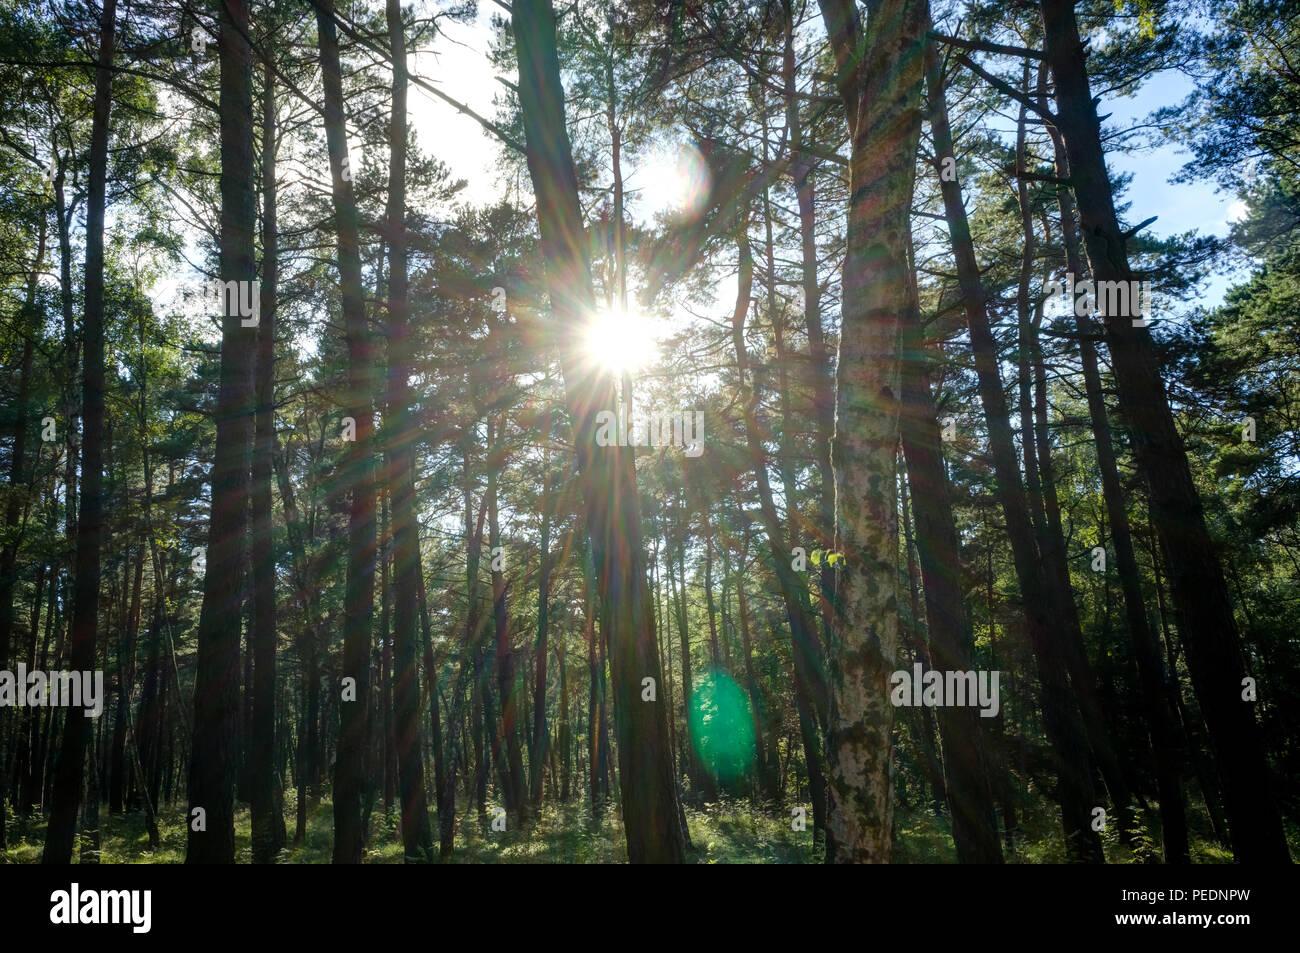 Grünen Wald Landschaft mit Sonne casting Schöne strahlen durch das Laub, moosigen Bauholz im Vordergrund. Foto in Litauen. Stockbild